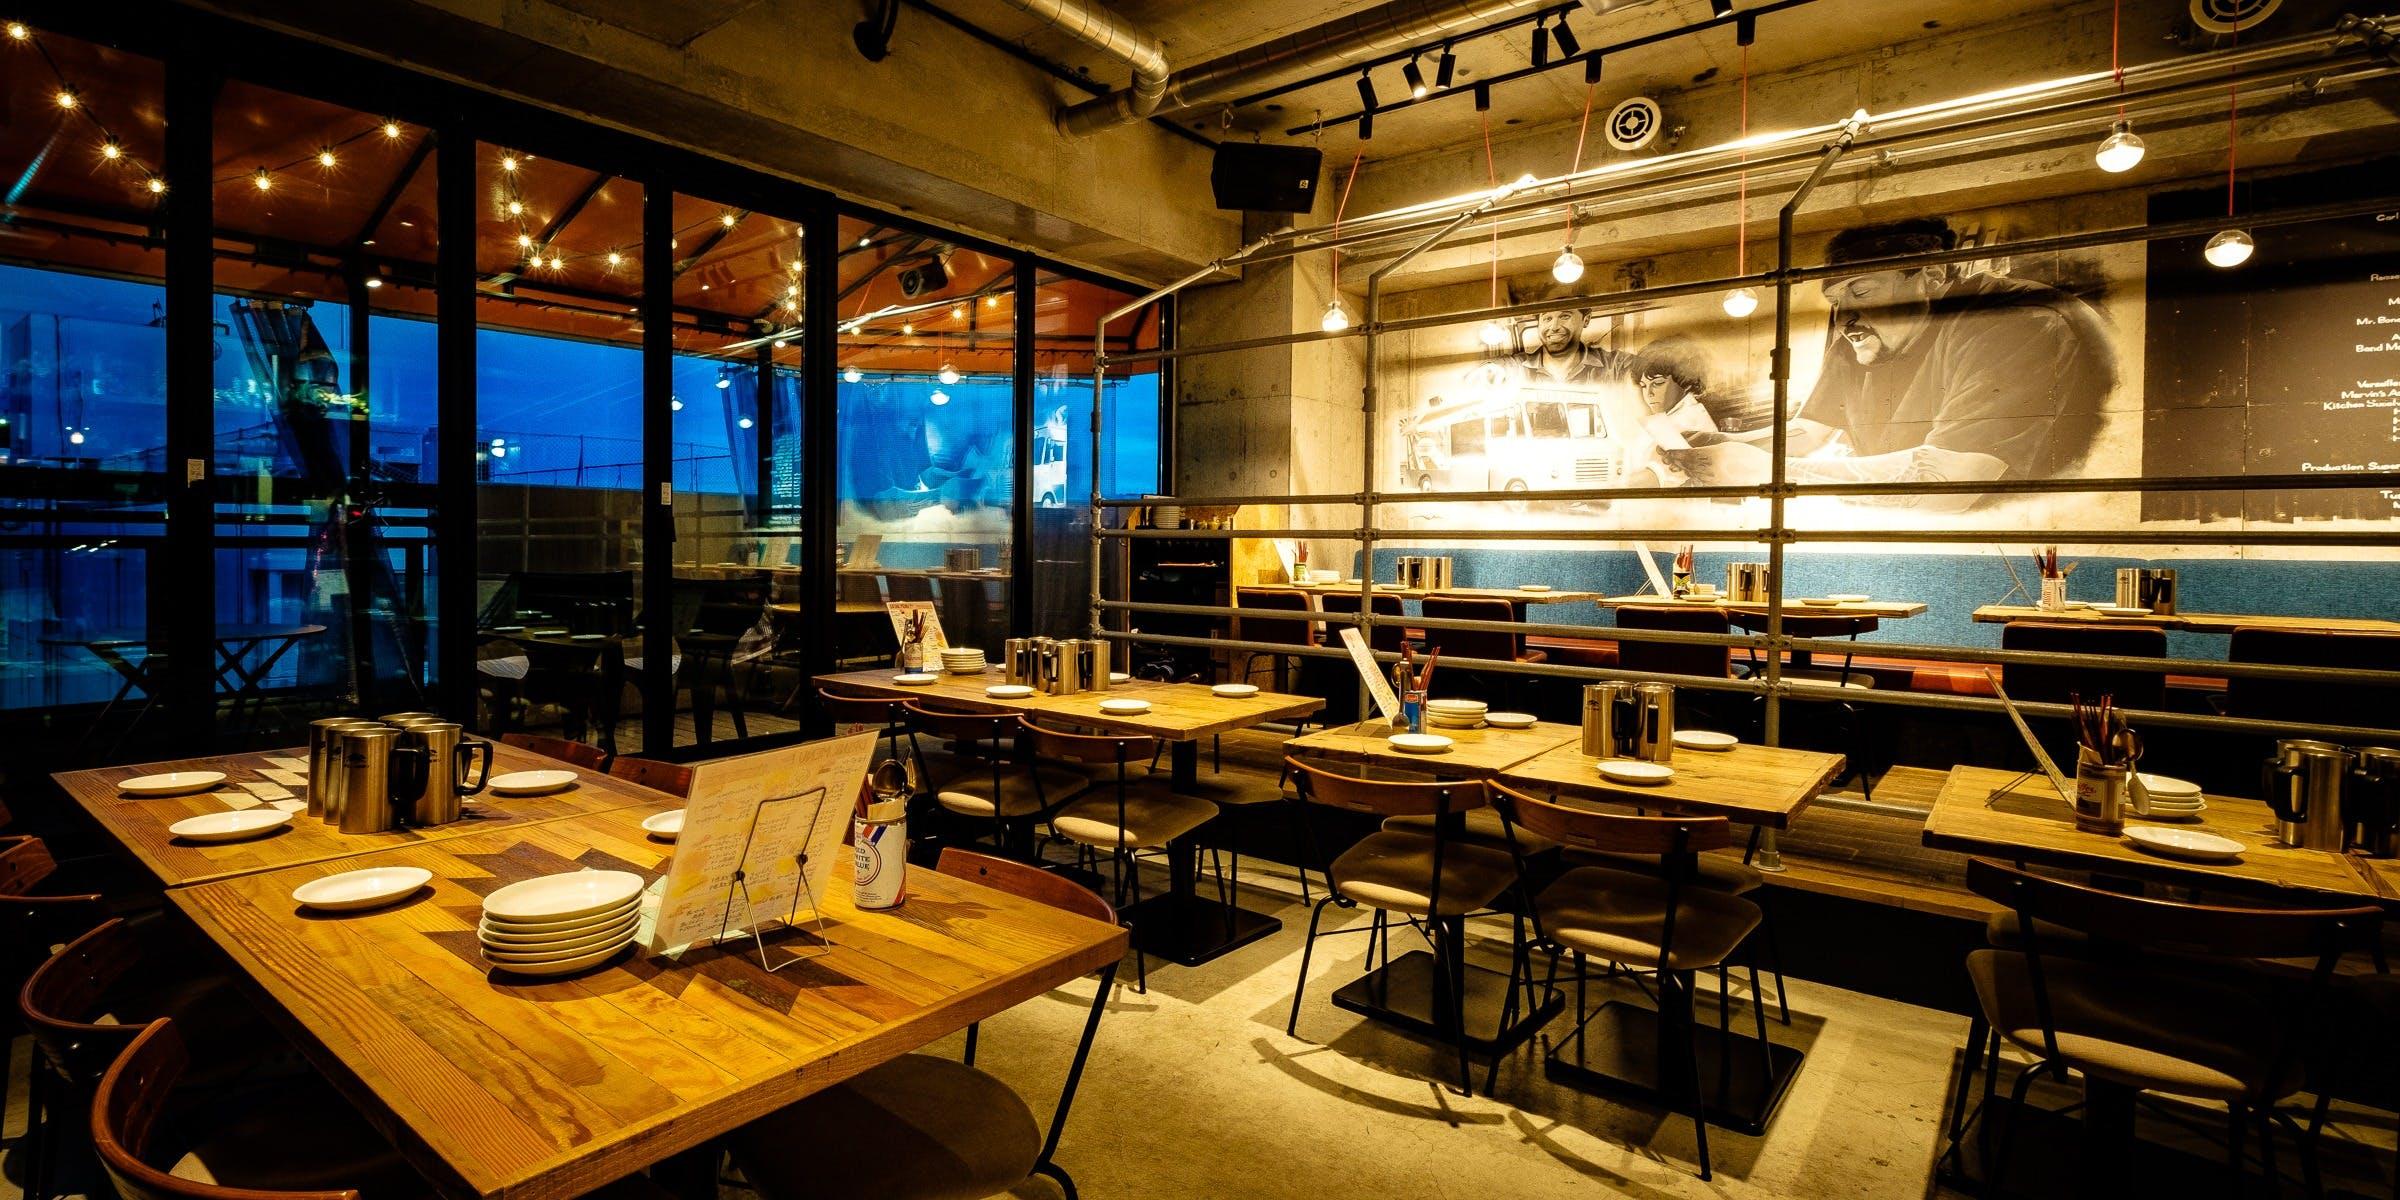 記念日におすすめのレストラン・CRAFT KITCHEN Mid.Ru 横浜西口店の写真1